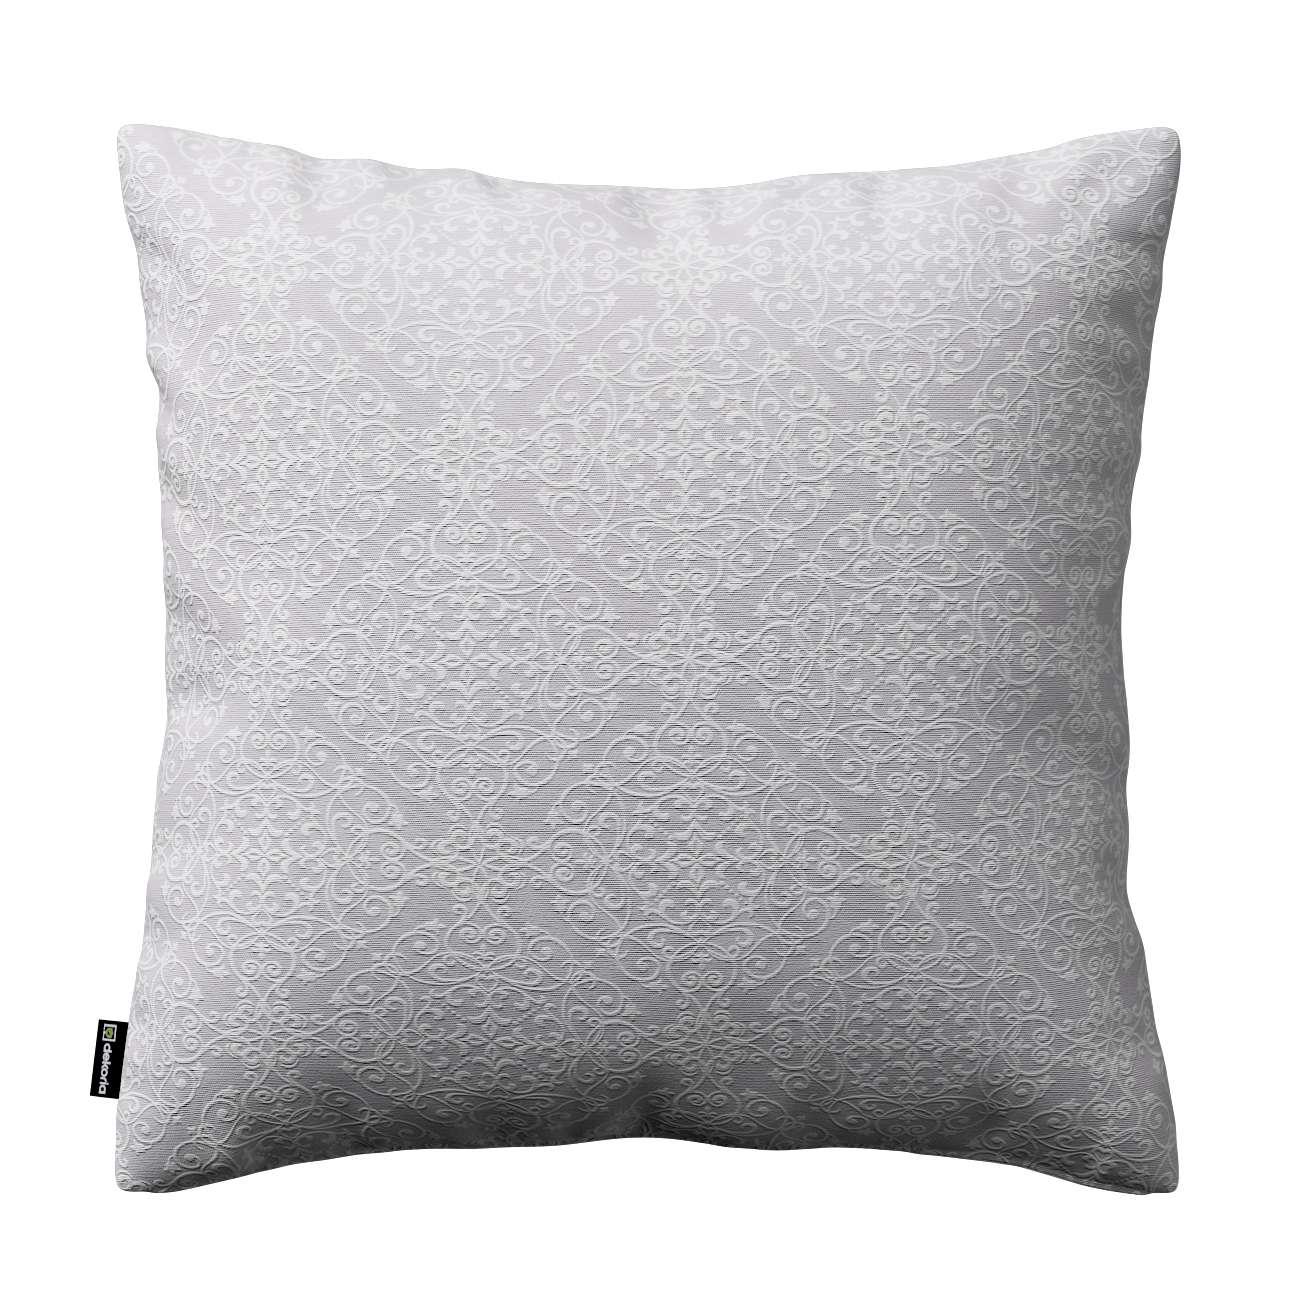 Kinga dekoratyvinės pagalvėlės užvalkalas 43 x 43 cm kolekcijoje Flowers, audinys: 140-38